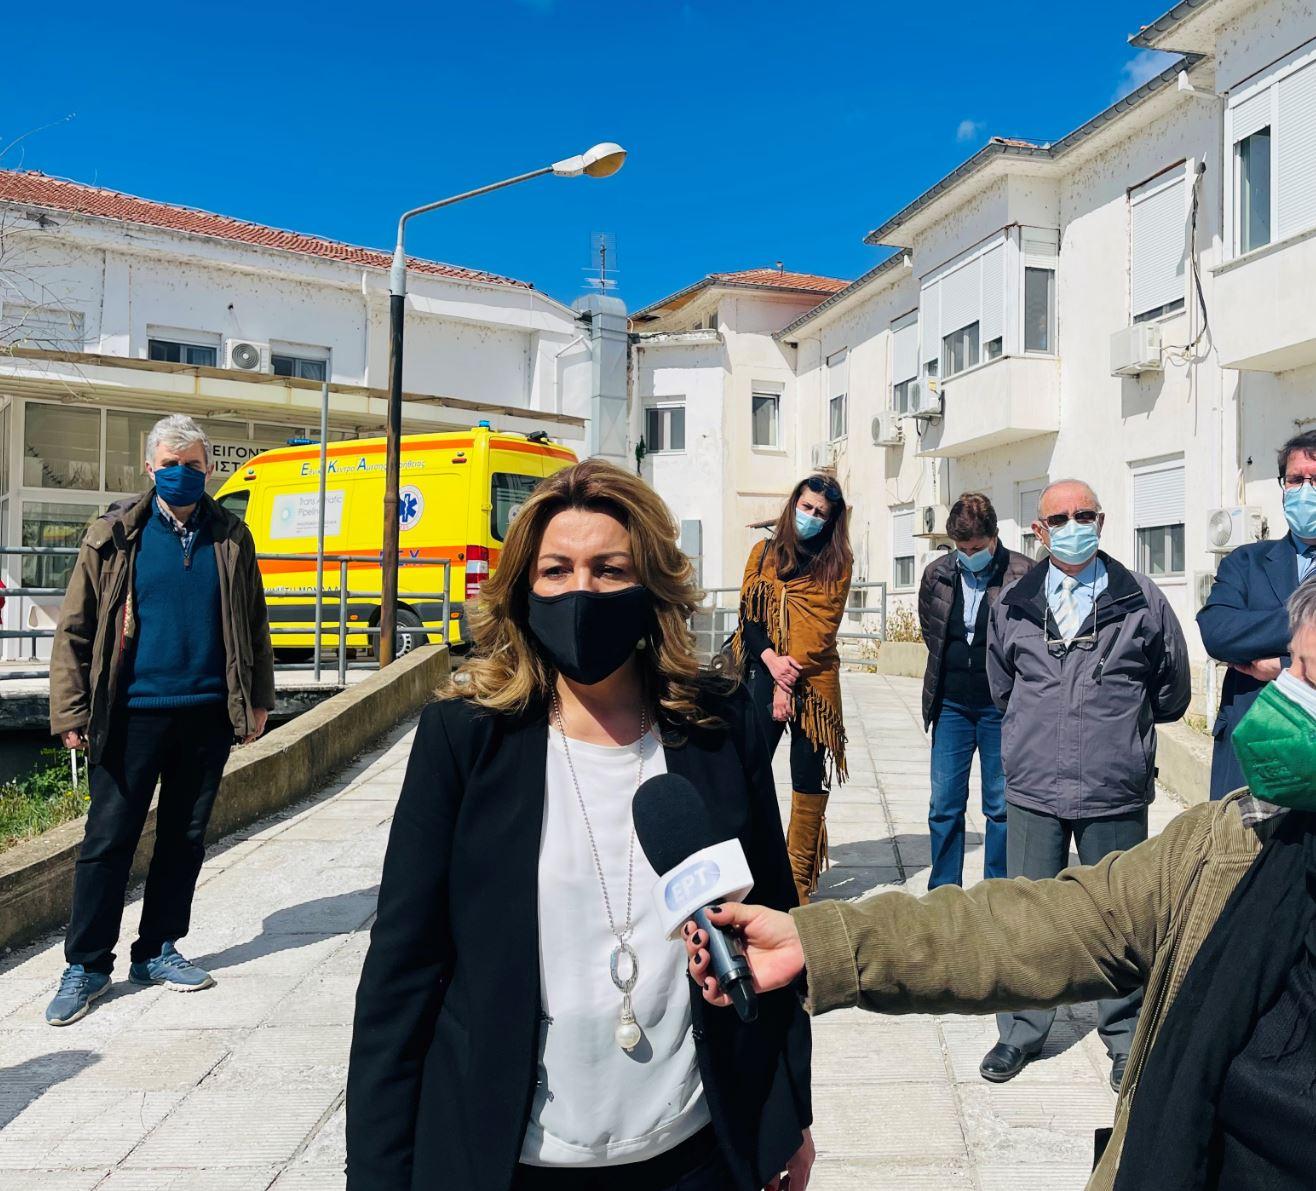 Έναν ολοκαίνουργιο καταψύκτη πλάσματος τελευταίας τεχνολογίας, που θα συμβάλλει στην ενίσχυση του Γενικού Νοσοκομείου Καστοριάς, παρέδωσε την Τετάρτη 14 Απριλίου 2021, η Επικεφαλής του Γραφείου Πρωθυπουργού στη Θεσσαλονίκη Μαρία Αντωνίου